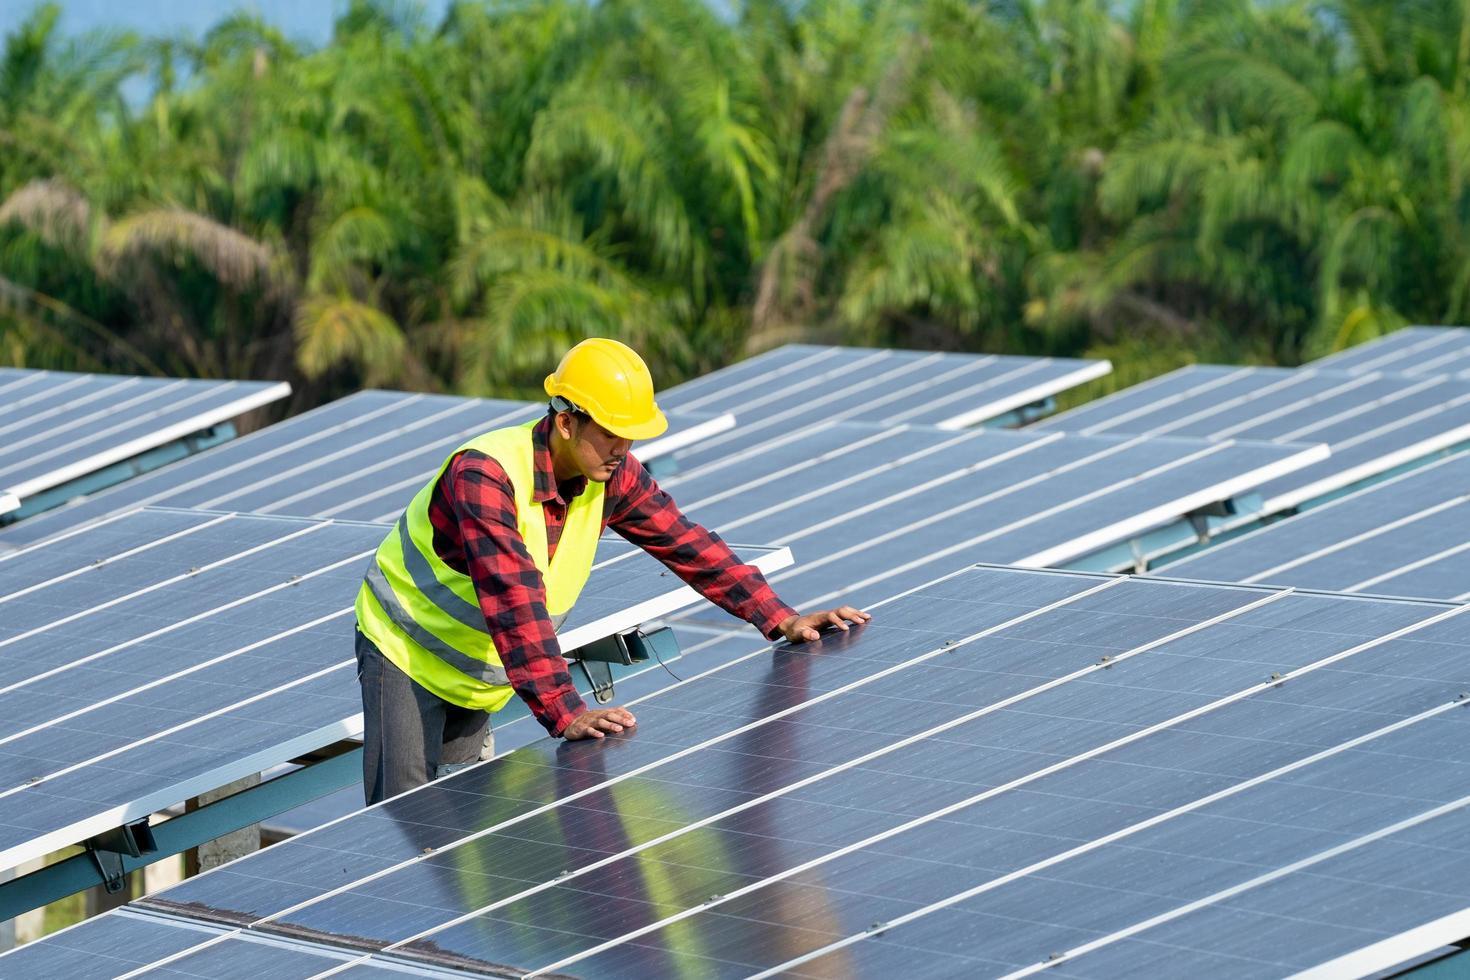 ingenjör som arbetar på solpaneler foto